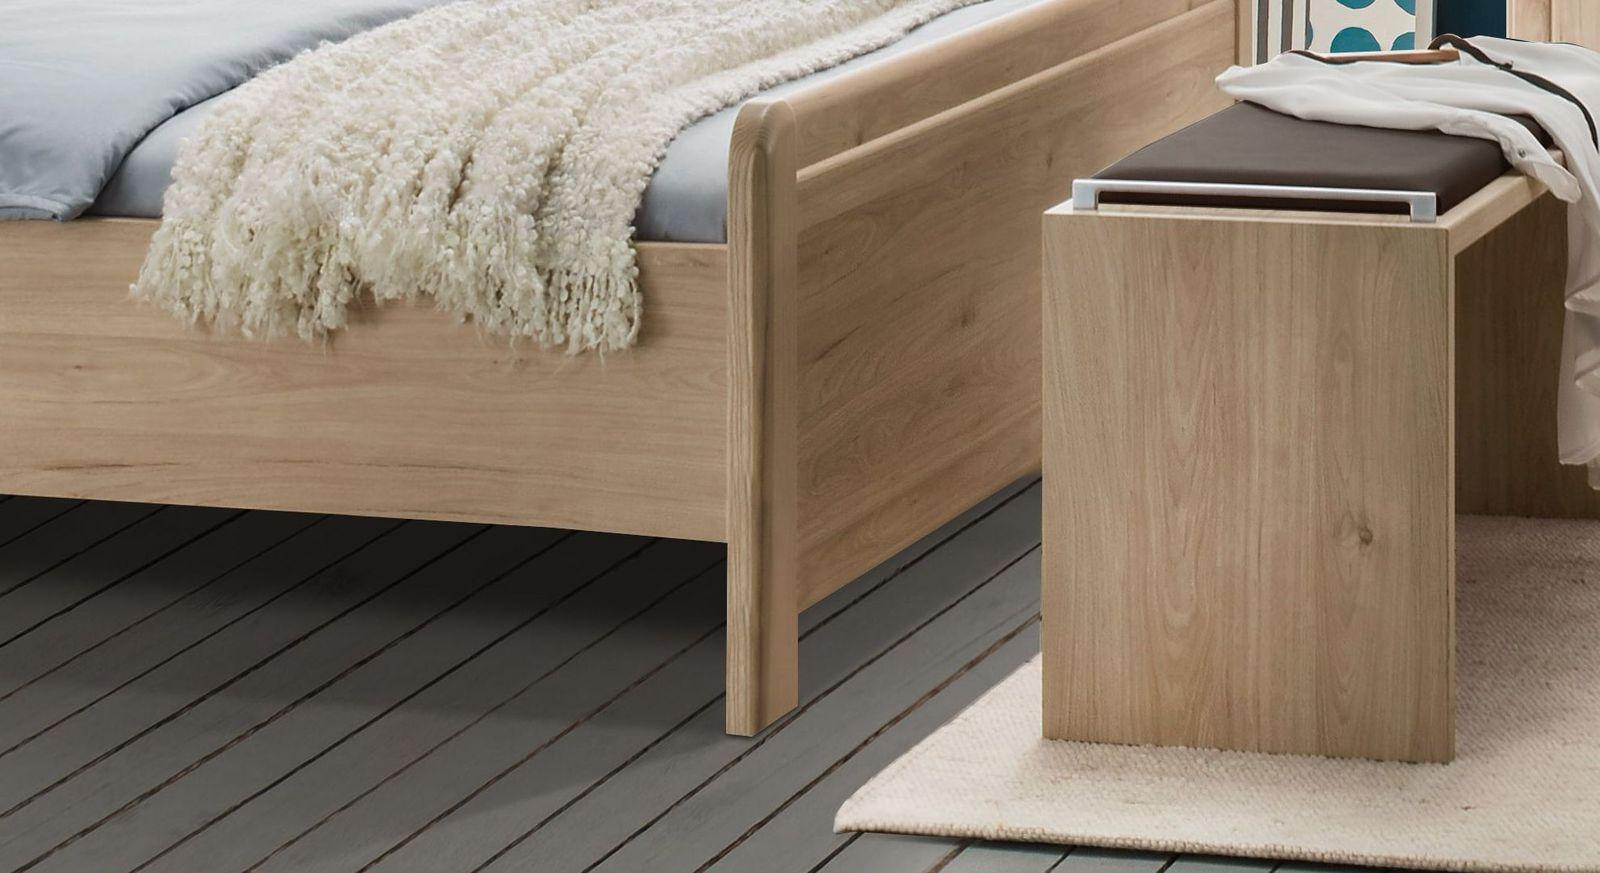 Komfort-Doppelbett Telford mit leicht erhöhtem Fußbereich